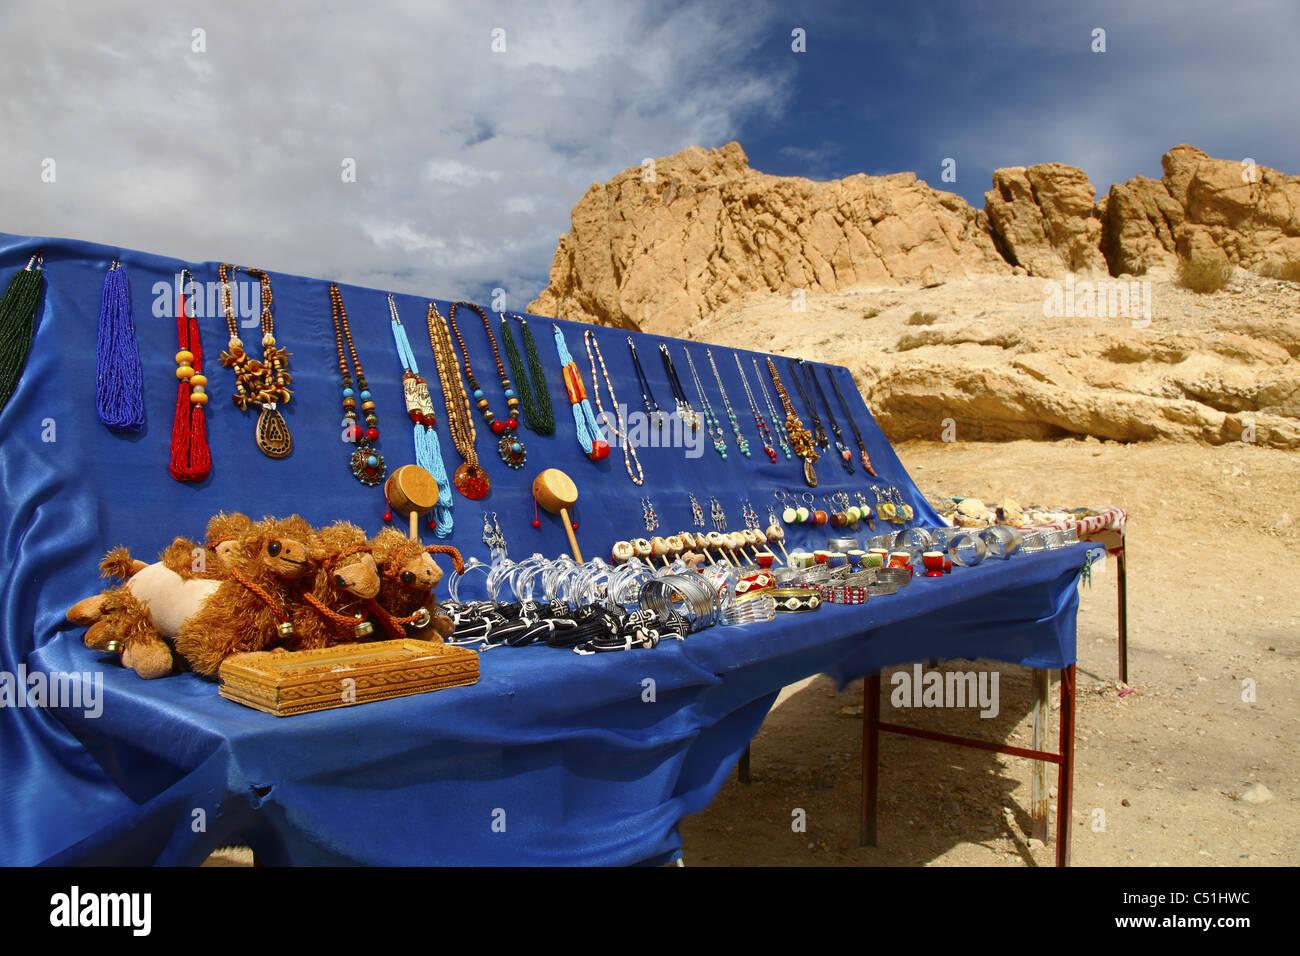 Afrique, Afrique du Nord, Tunisie, Chebika Oasis, décrochage Souvenirs, Bijoux Photo Stock